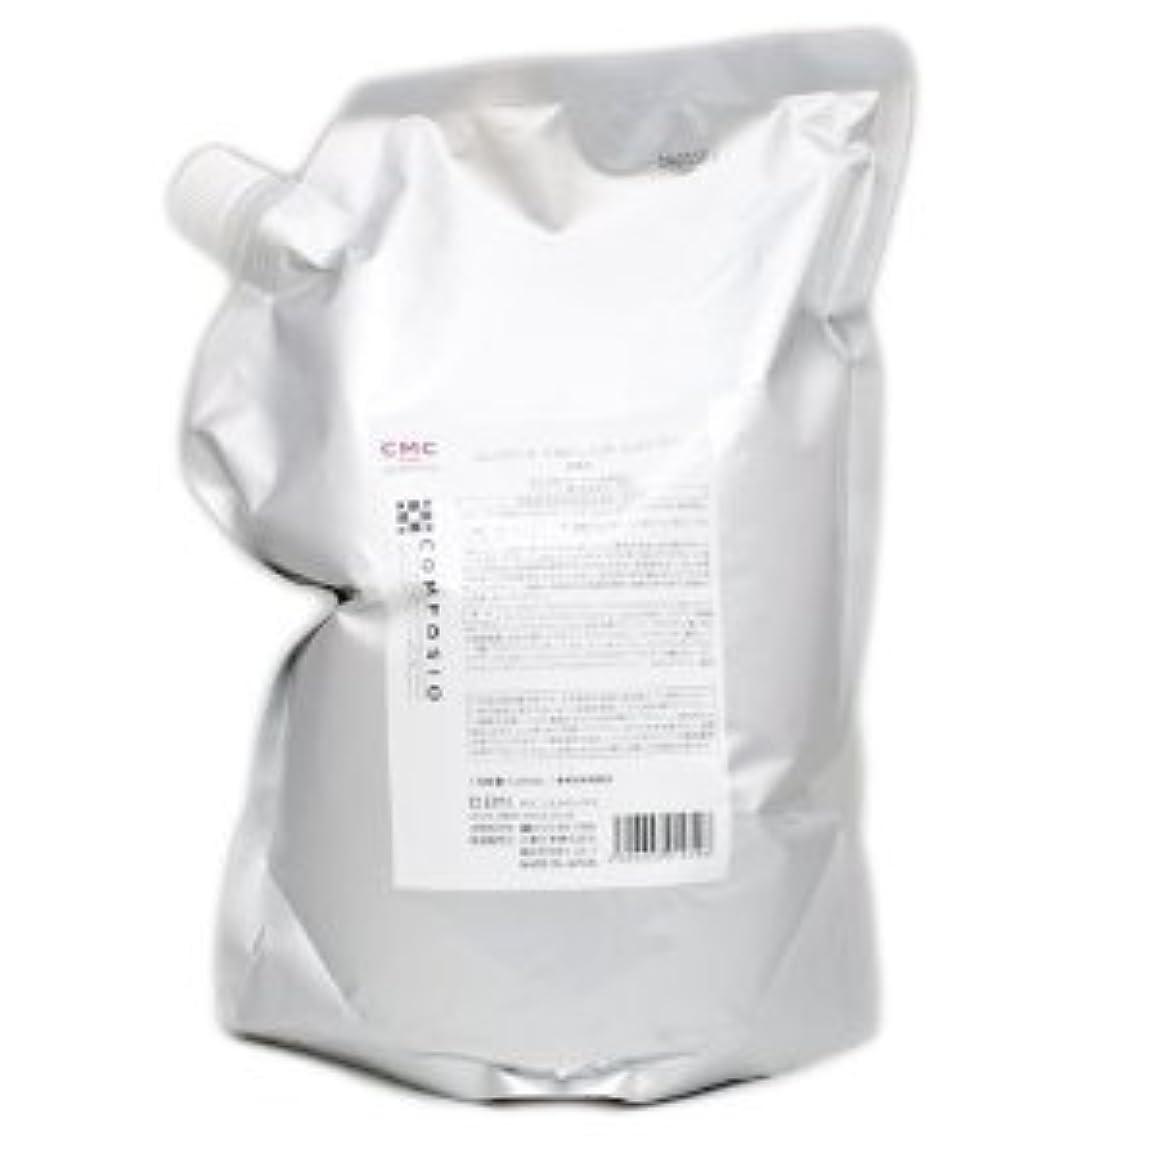 バッグ葉を集めるセブン【X3個セット】 デミ コンポジオ CMCリペアシャンプー 2000ml(詰替)